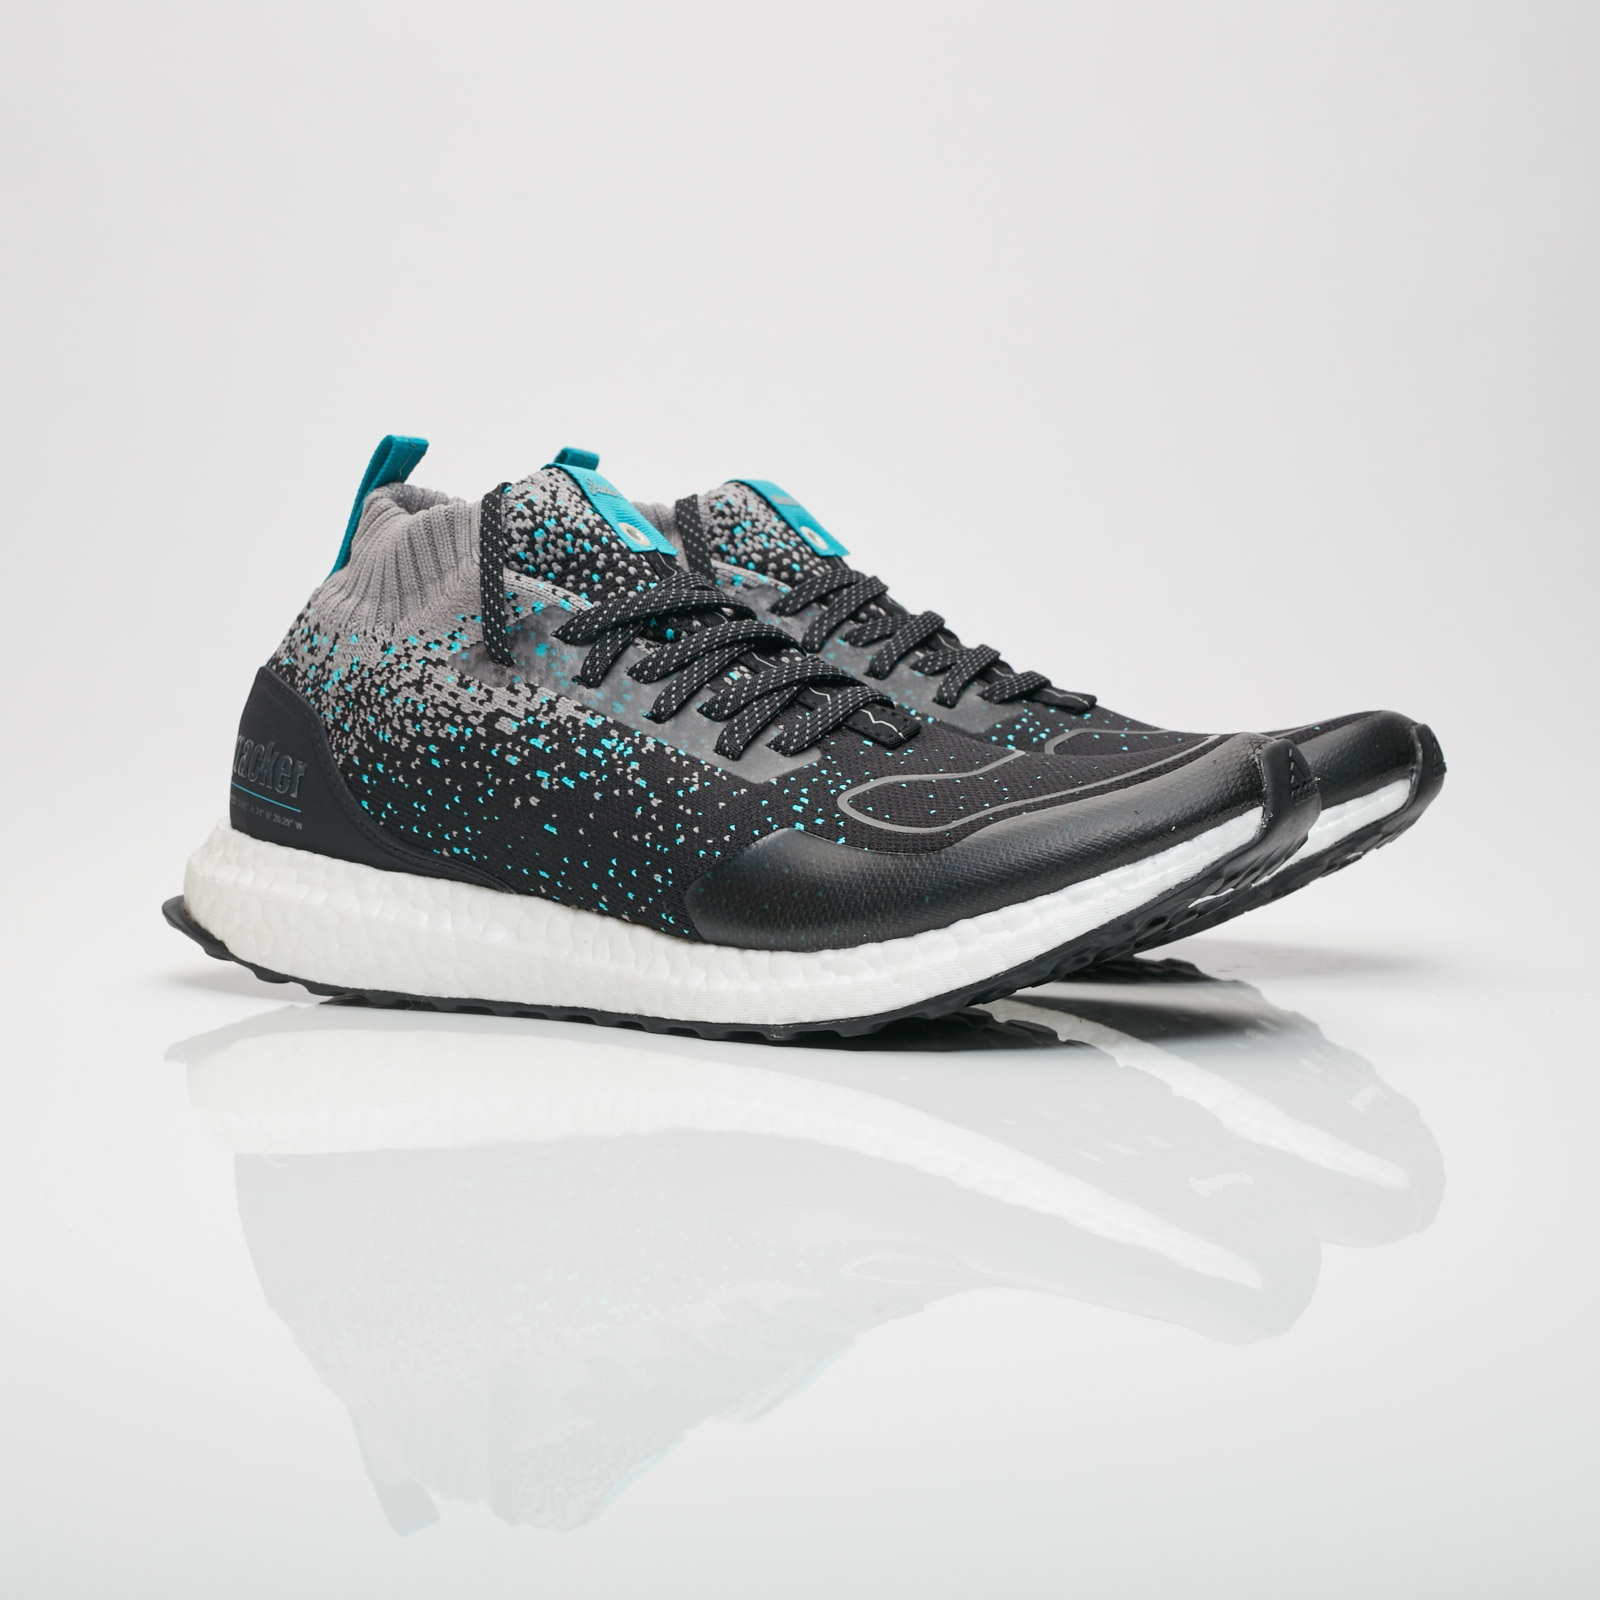 d4ccb5b69679b adidas Ultraboost Mid Packer x Solebox - Cm7882 - Sneakersnstuff ...